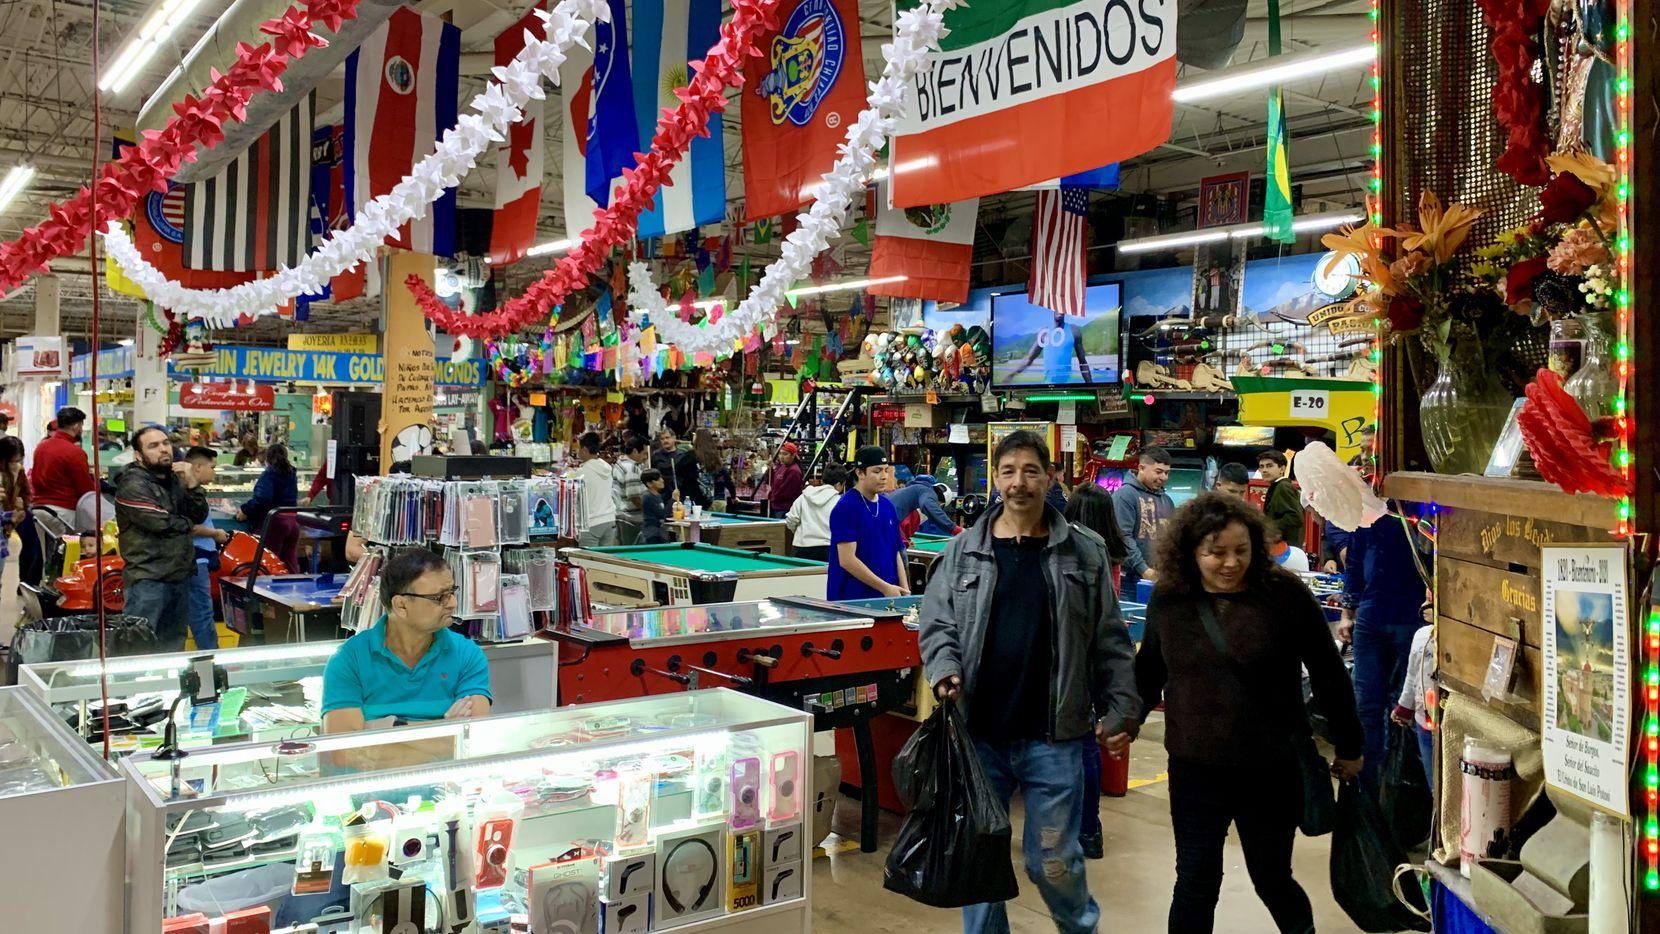 Como cualquier otro fin de semana, la gente acudió al Harry Hines Bazaar de compras o a para distraerse, en medio de la crisis por el coronavirus.